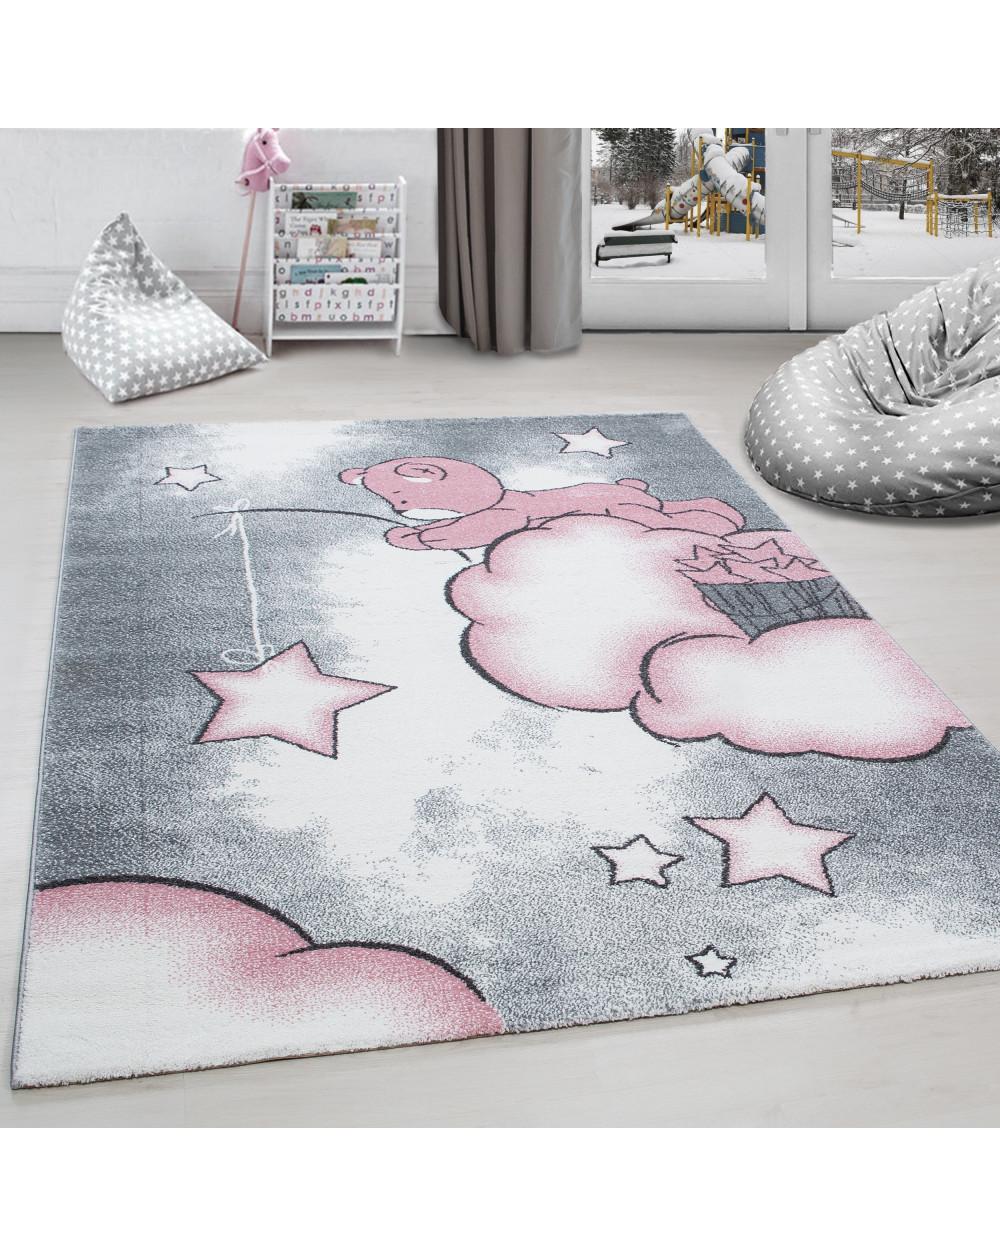 Kinderteppich Kinderzimmer Teppich Bär Wolken Stern-Angeln Grau-Weiß-Pink  Größe 80x150 cm